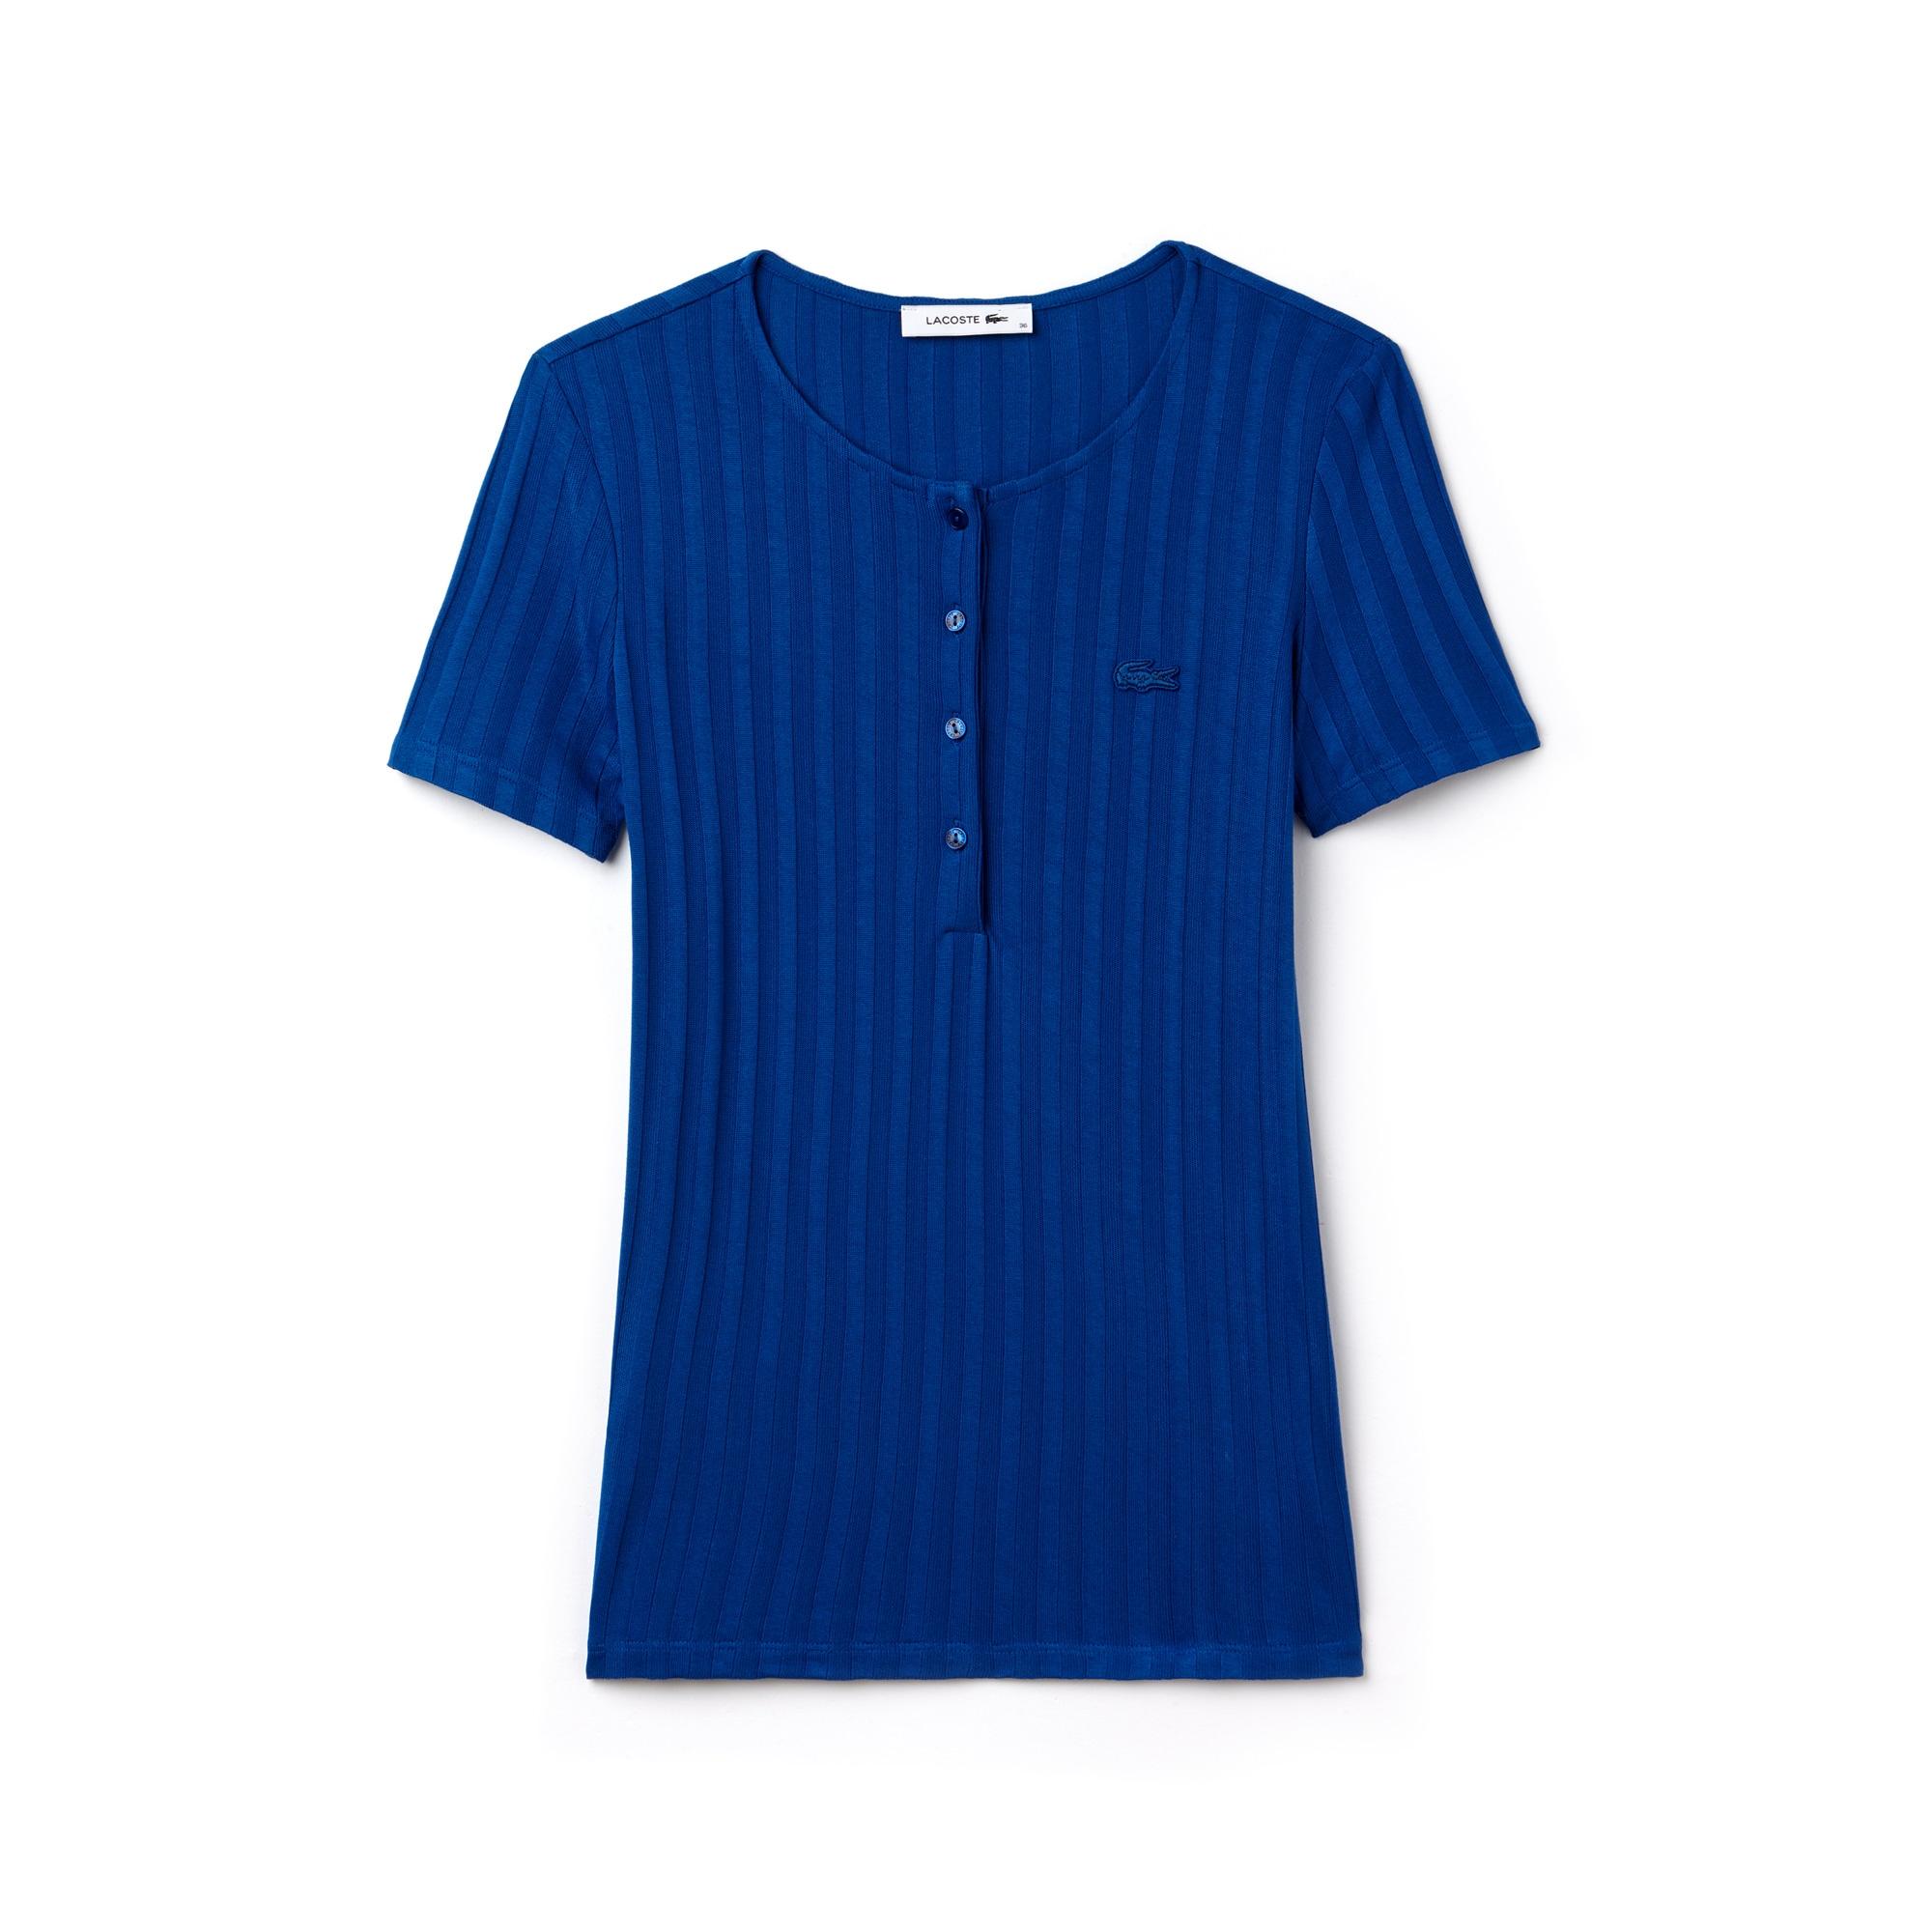 T-shirt con collo a serafino in maglia a costine tinta unita